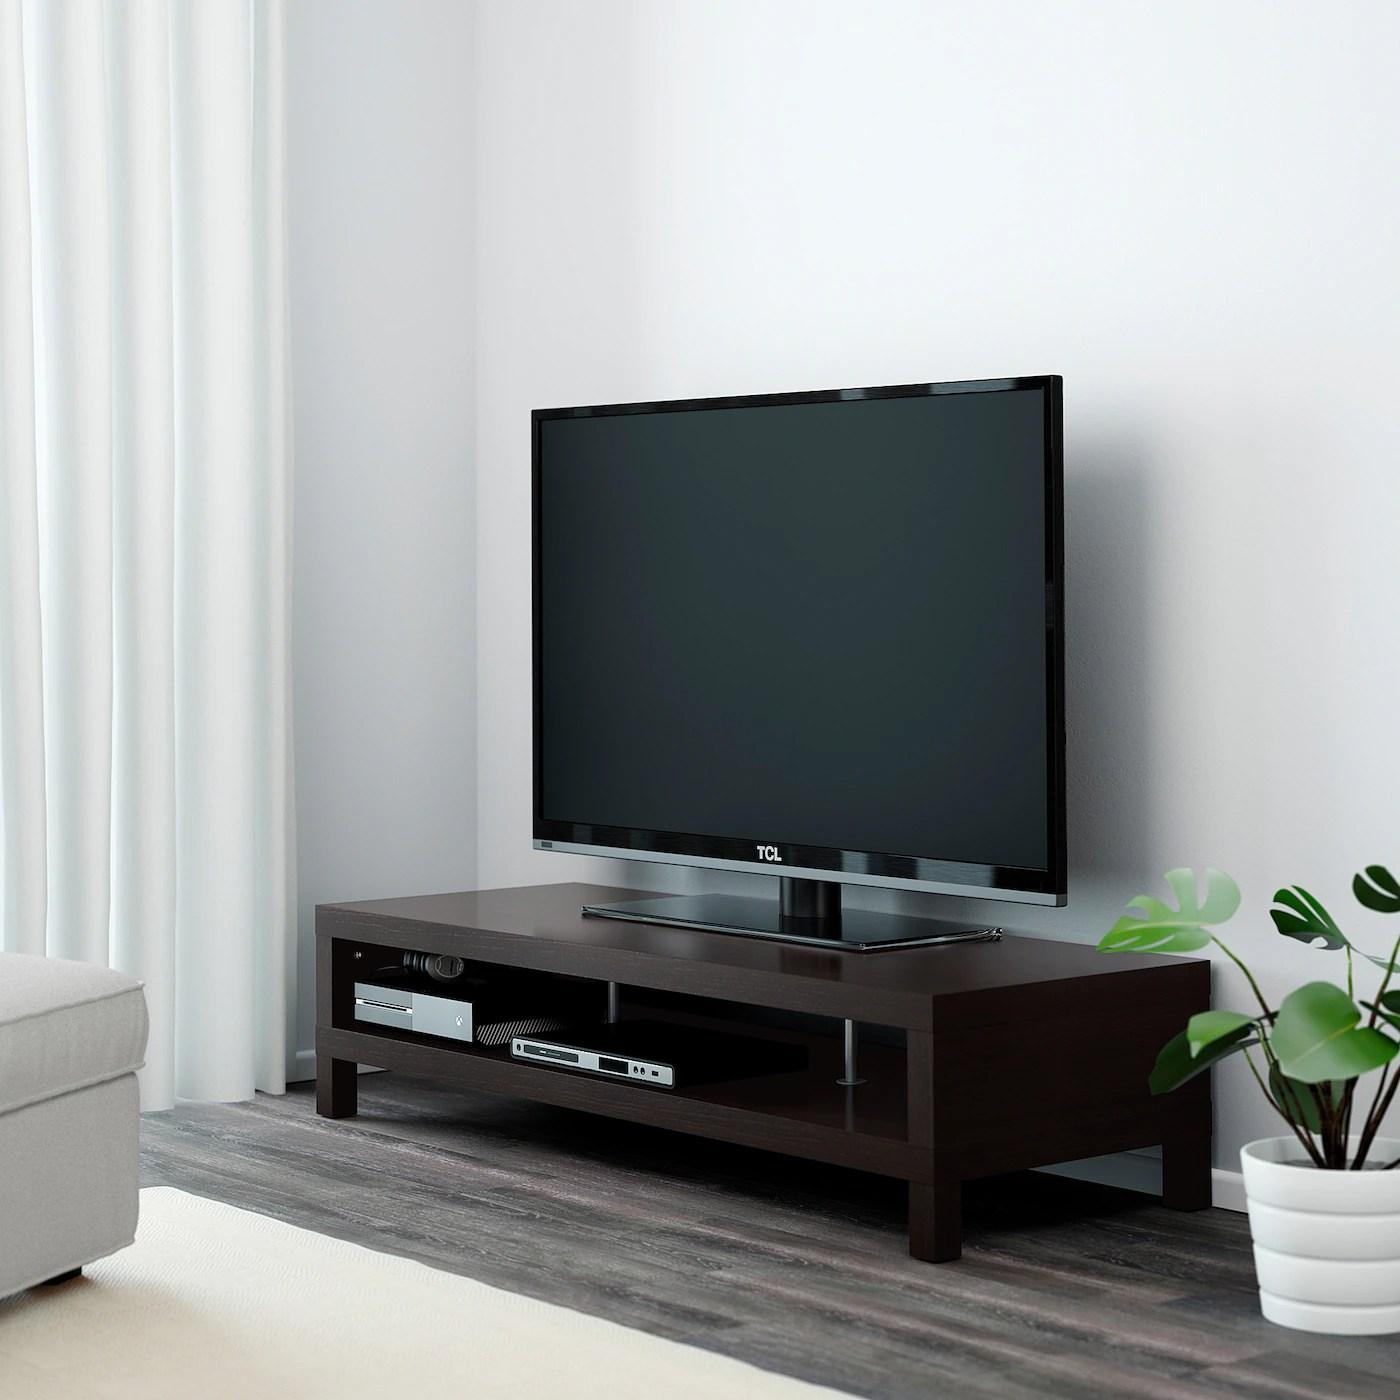 lack banc tv brun noir 149x55x35 cm